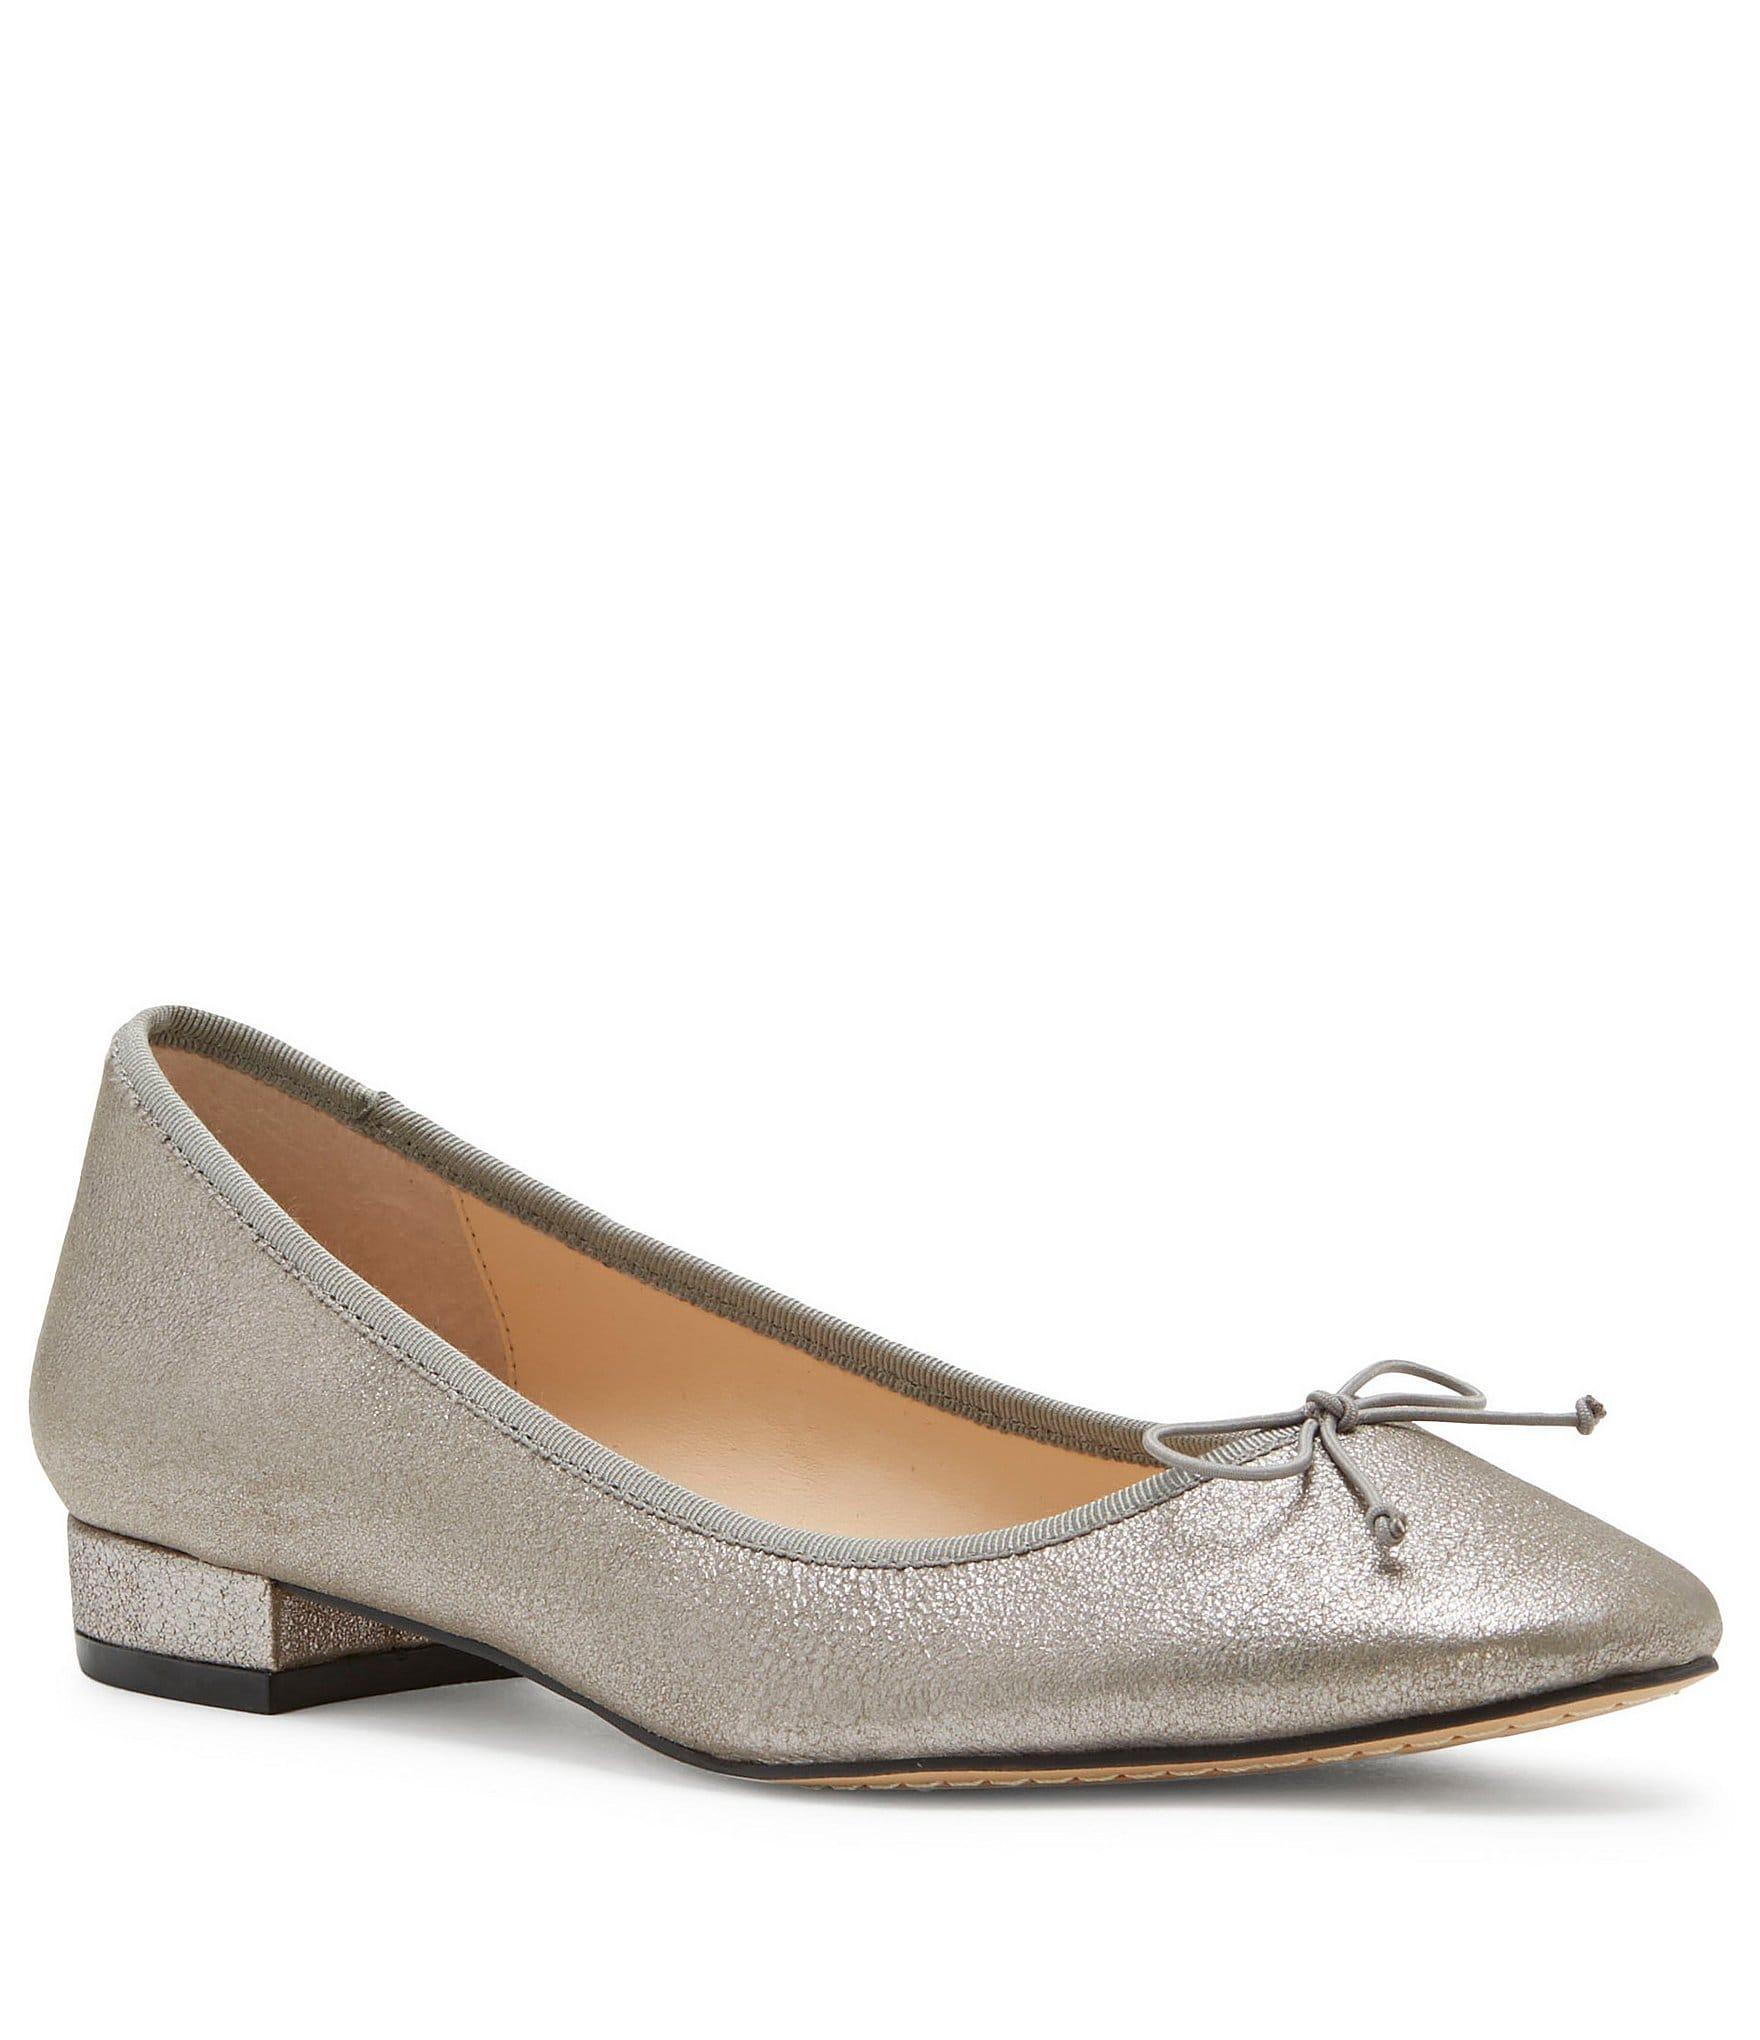 Men S Vince Camuto Shoes